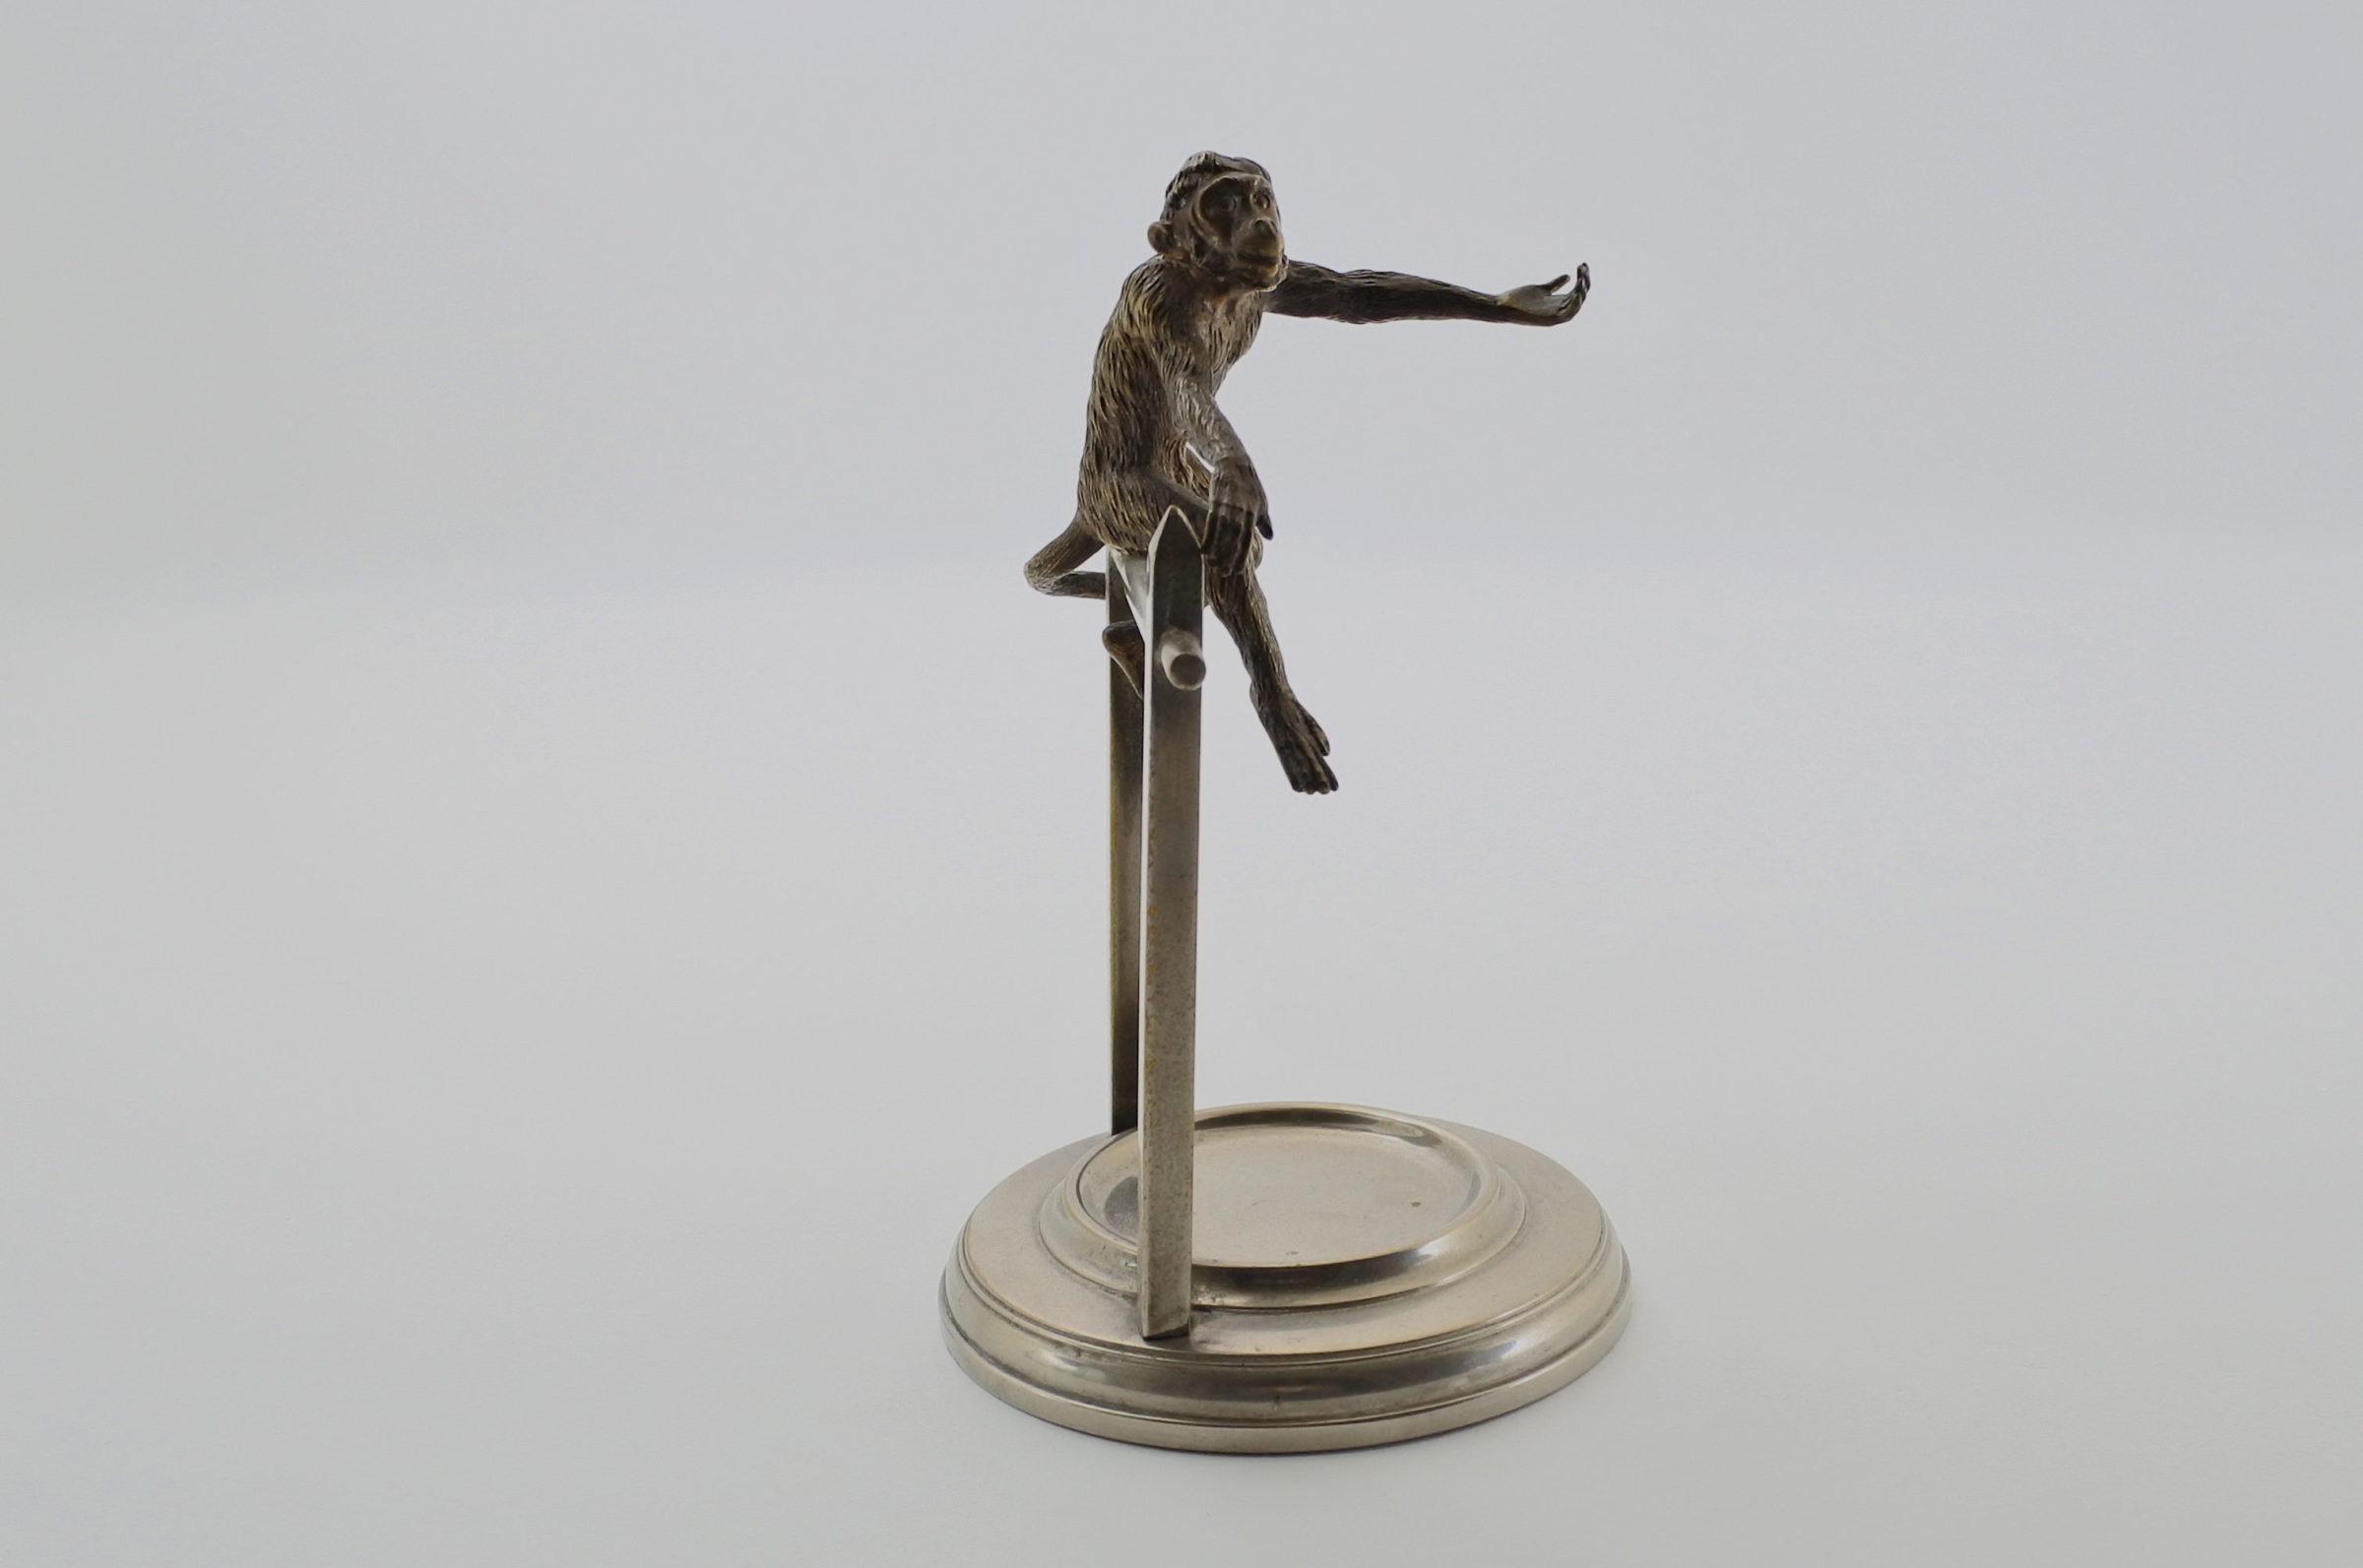 Portaorologi con scimmia in bronzo di Vienna su supporto in ottone cromato - 2